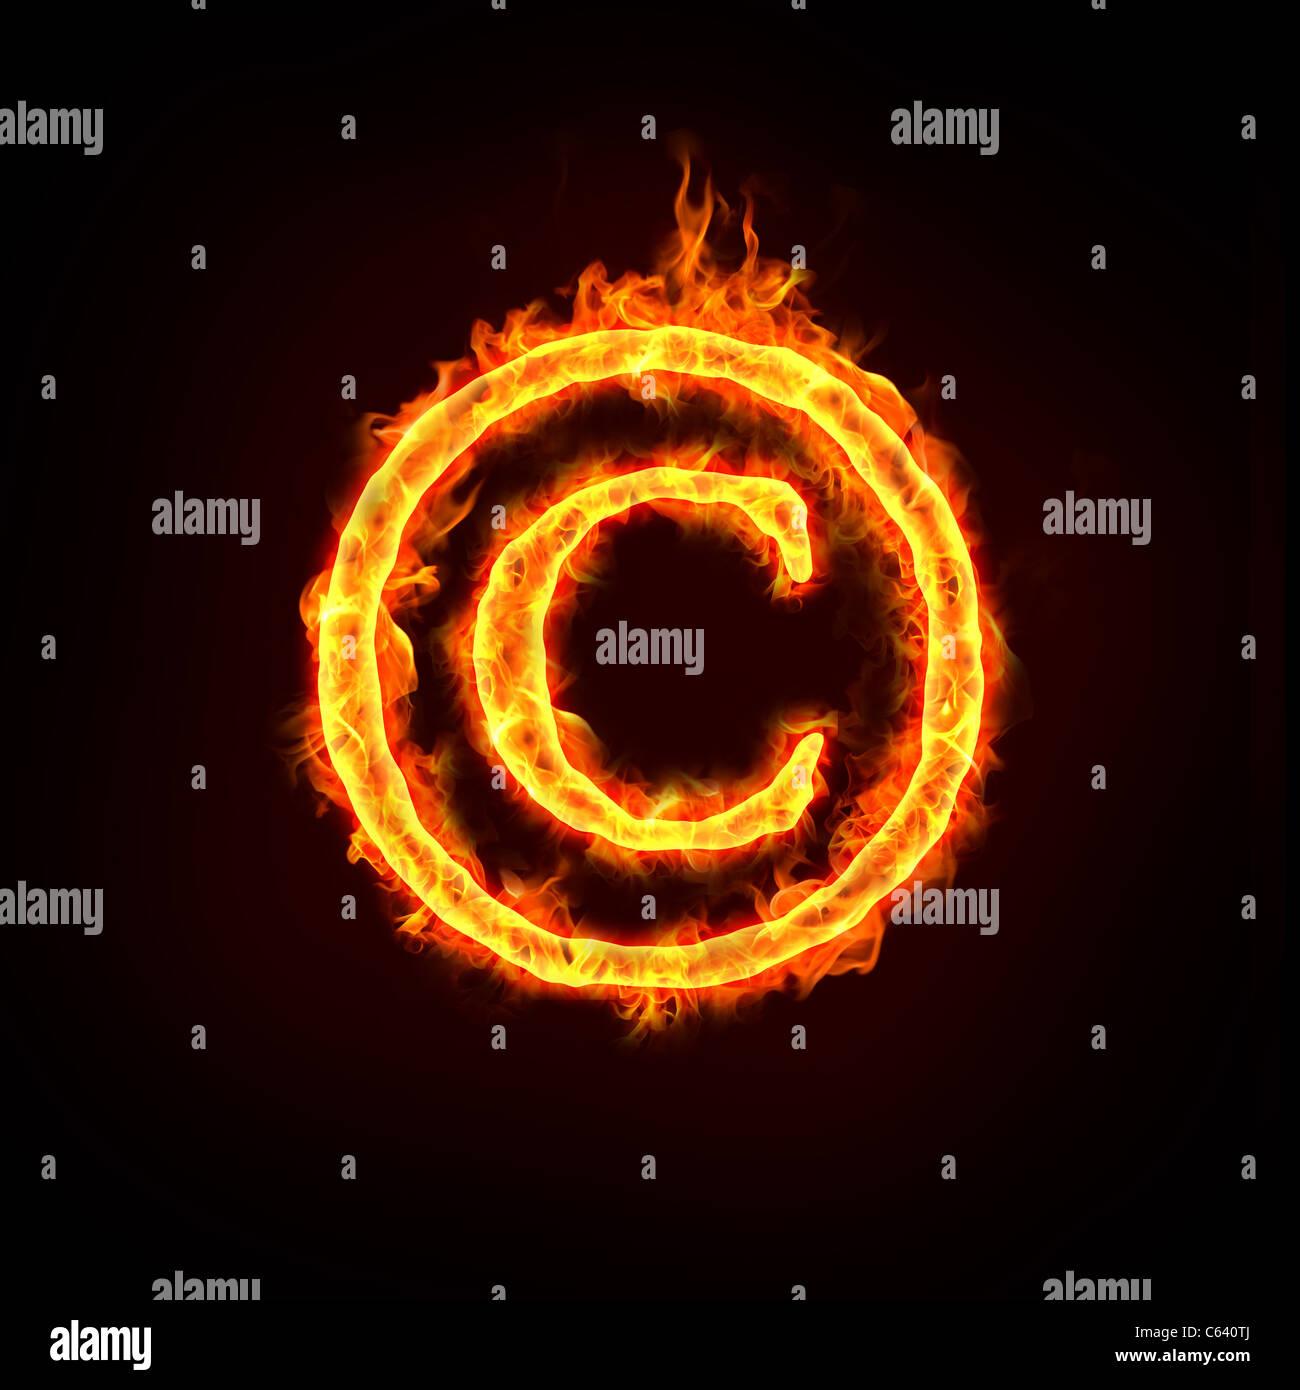 Un aviso de copyright ardiendo con llamas, signo de conceptos. Foto de stock